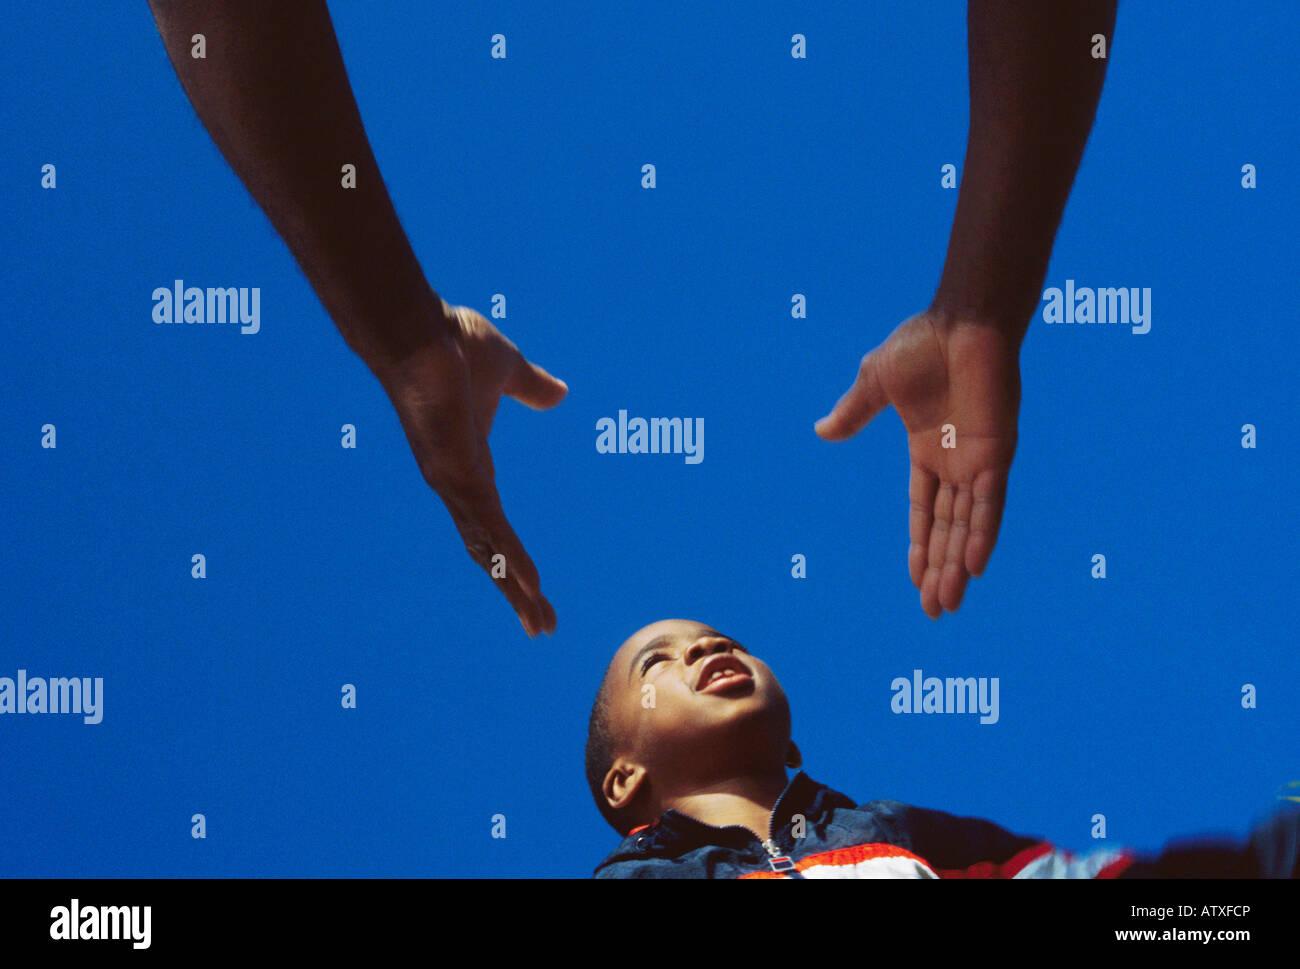 7 anno vecchio African American boy saltando in padre le mani Immagini Stock